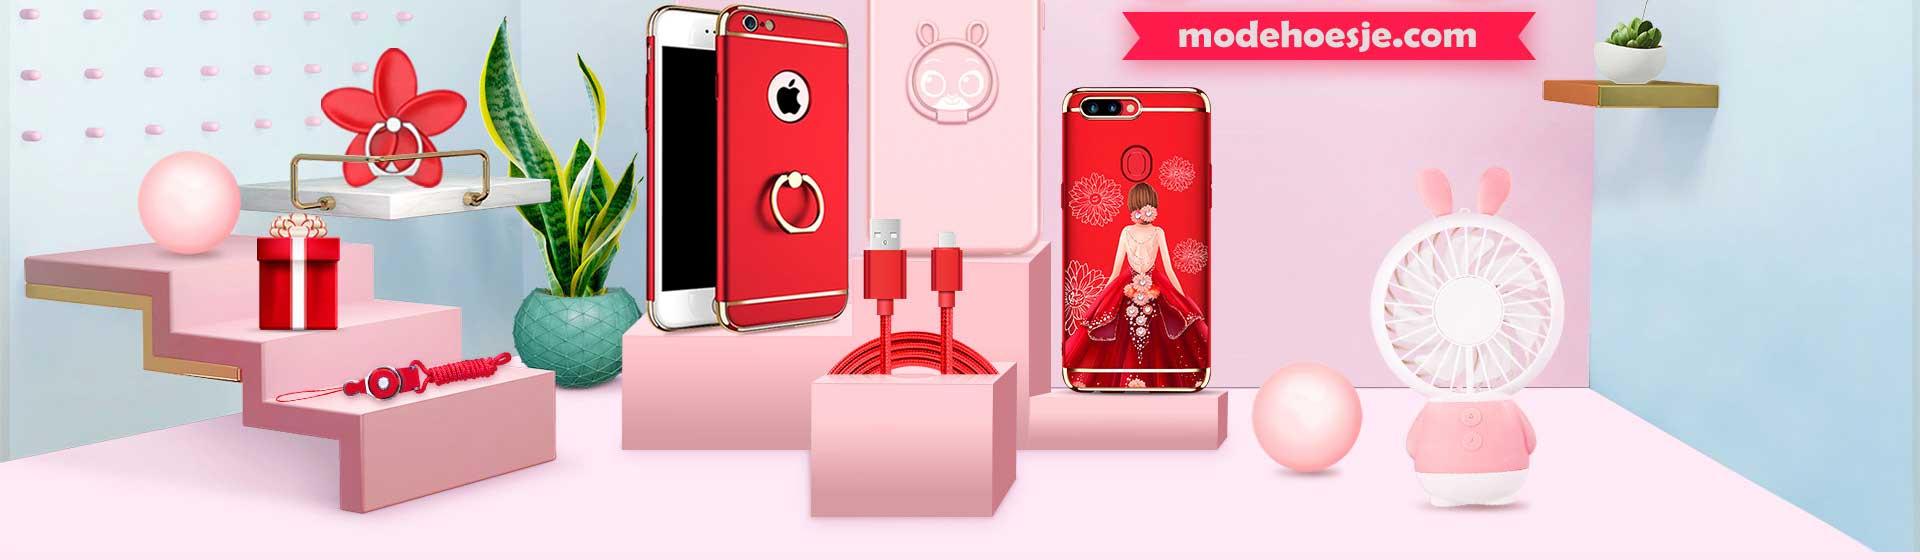 iPhone X Hoesje Goedkoop, iPhone 8 Plus Hoes